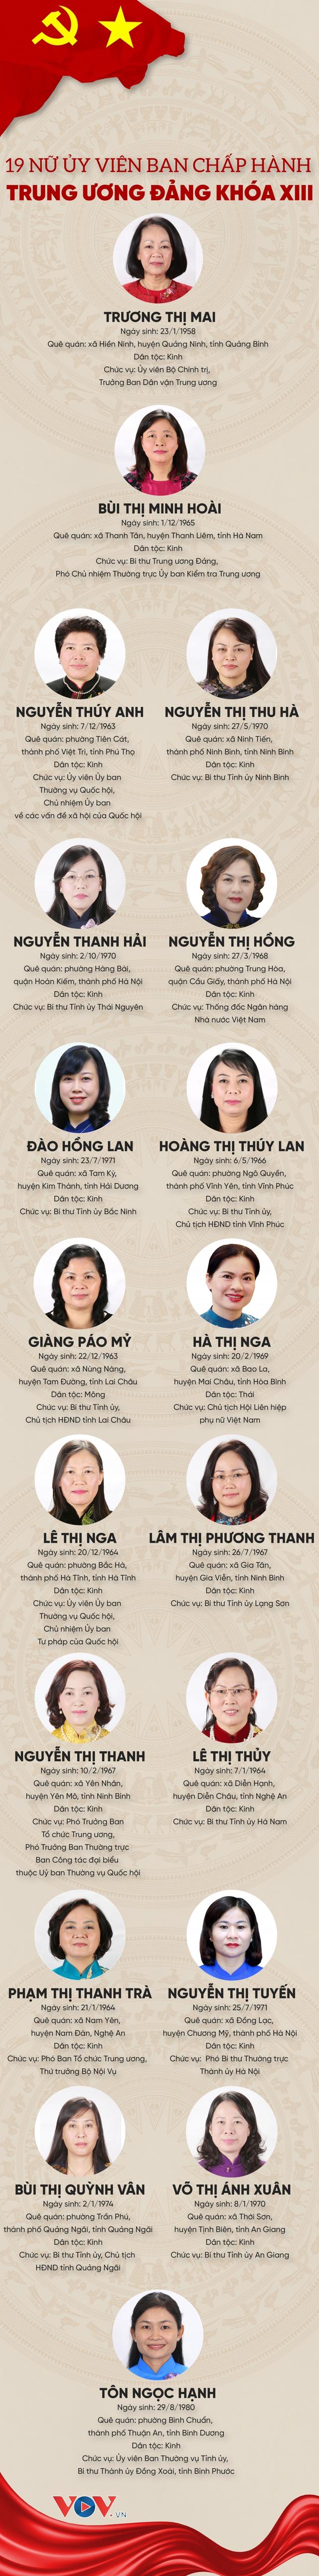 19 nữ Ủy viên Ban Chấp hành Trung ương Đảng khóa XIII - Ảnh 1.